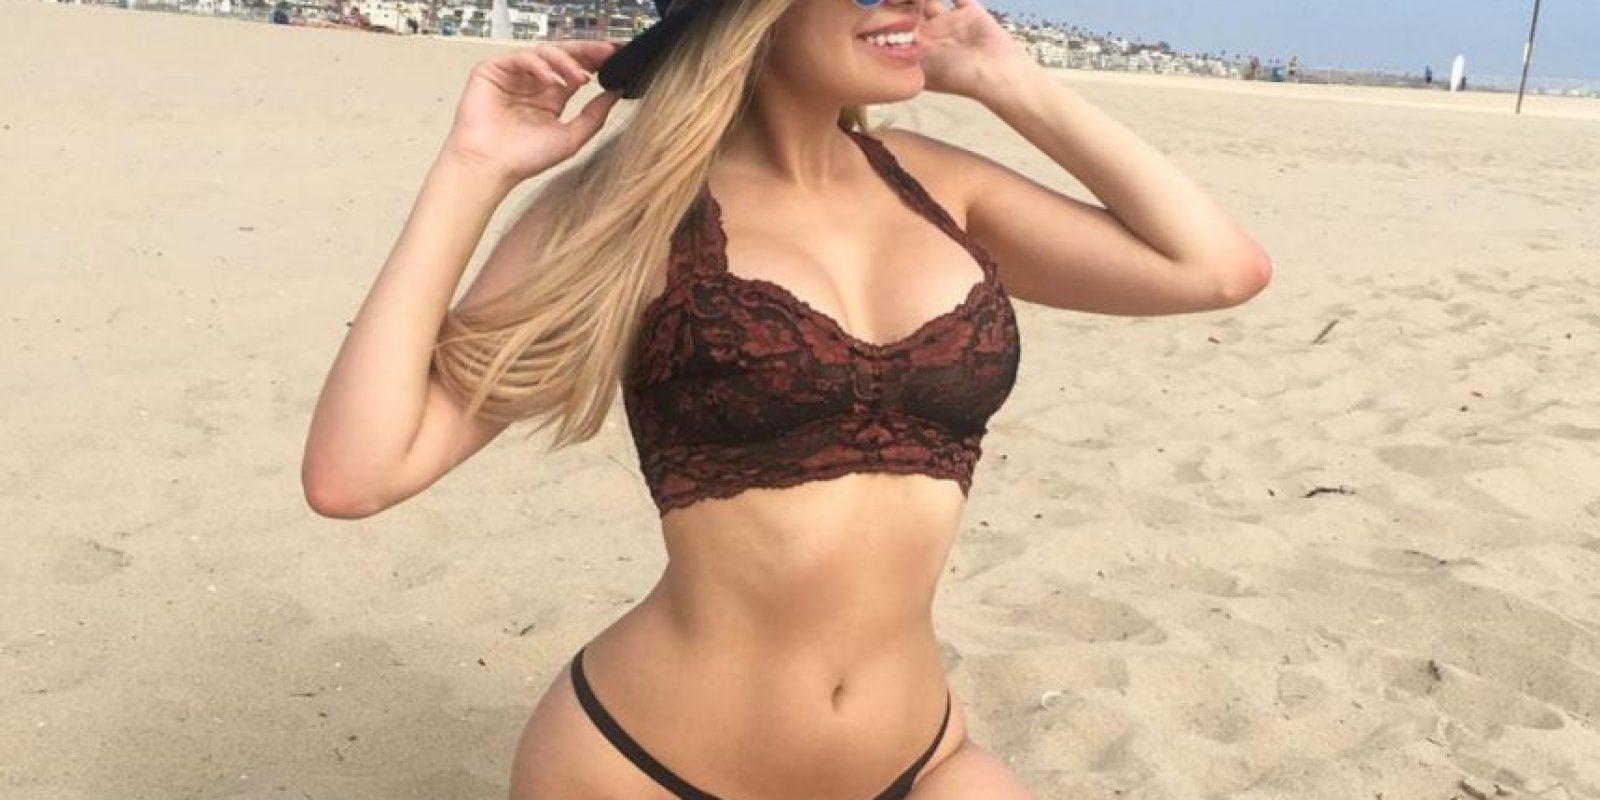 Con tremendo bikini de tiritas, Alexa Dellanos, hija de la conductora Myrka Dellanos, causó revuelo en redes con sensuales imágenes. Foto:Instagram